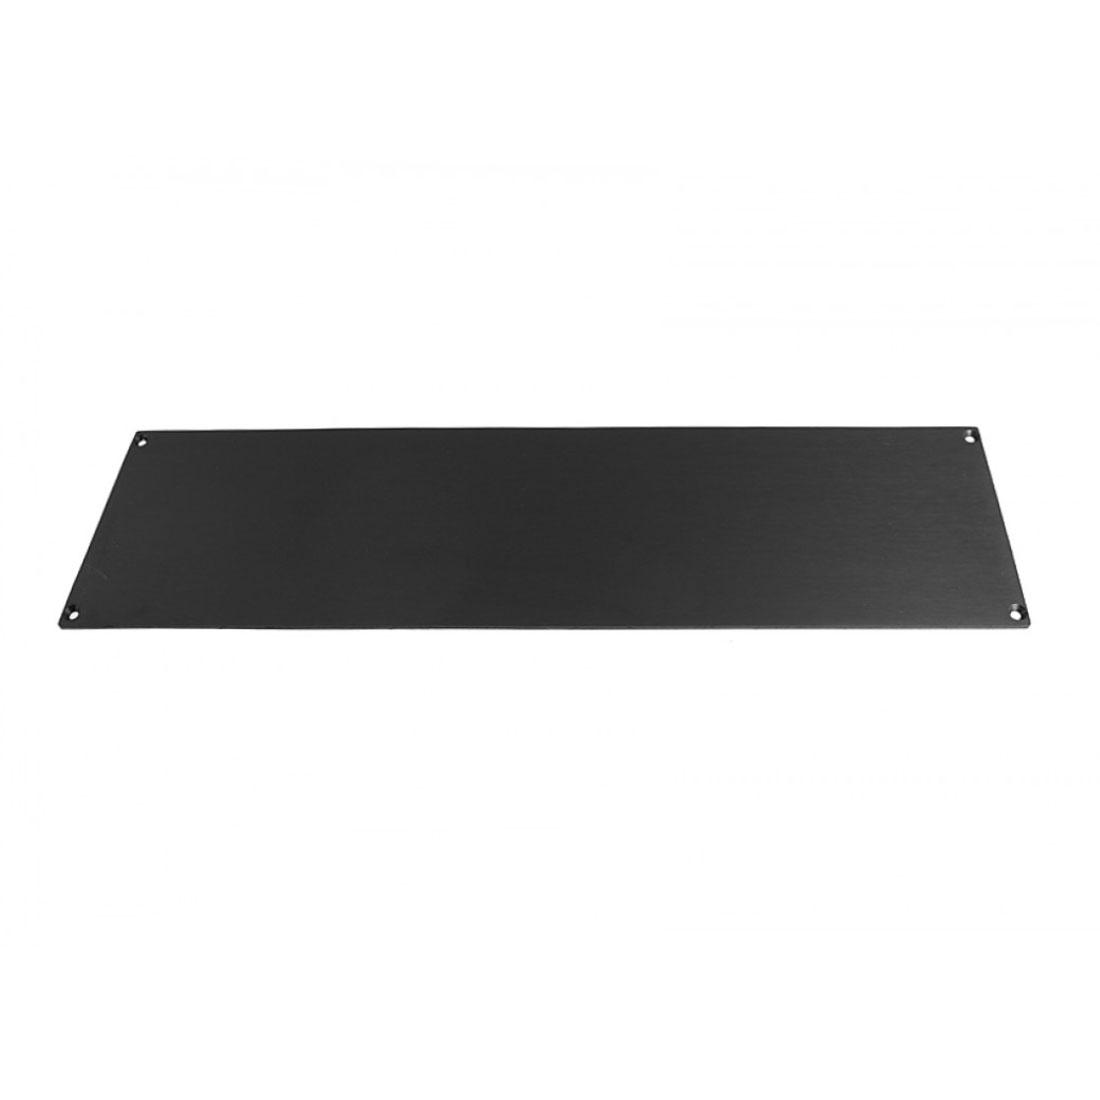 1NSLA03230N - 3U rack krabice s lištou, 230mm, 10mm - panel černý, AL víka